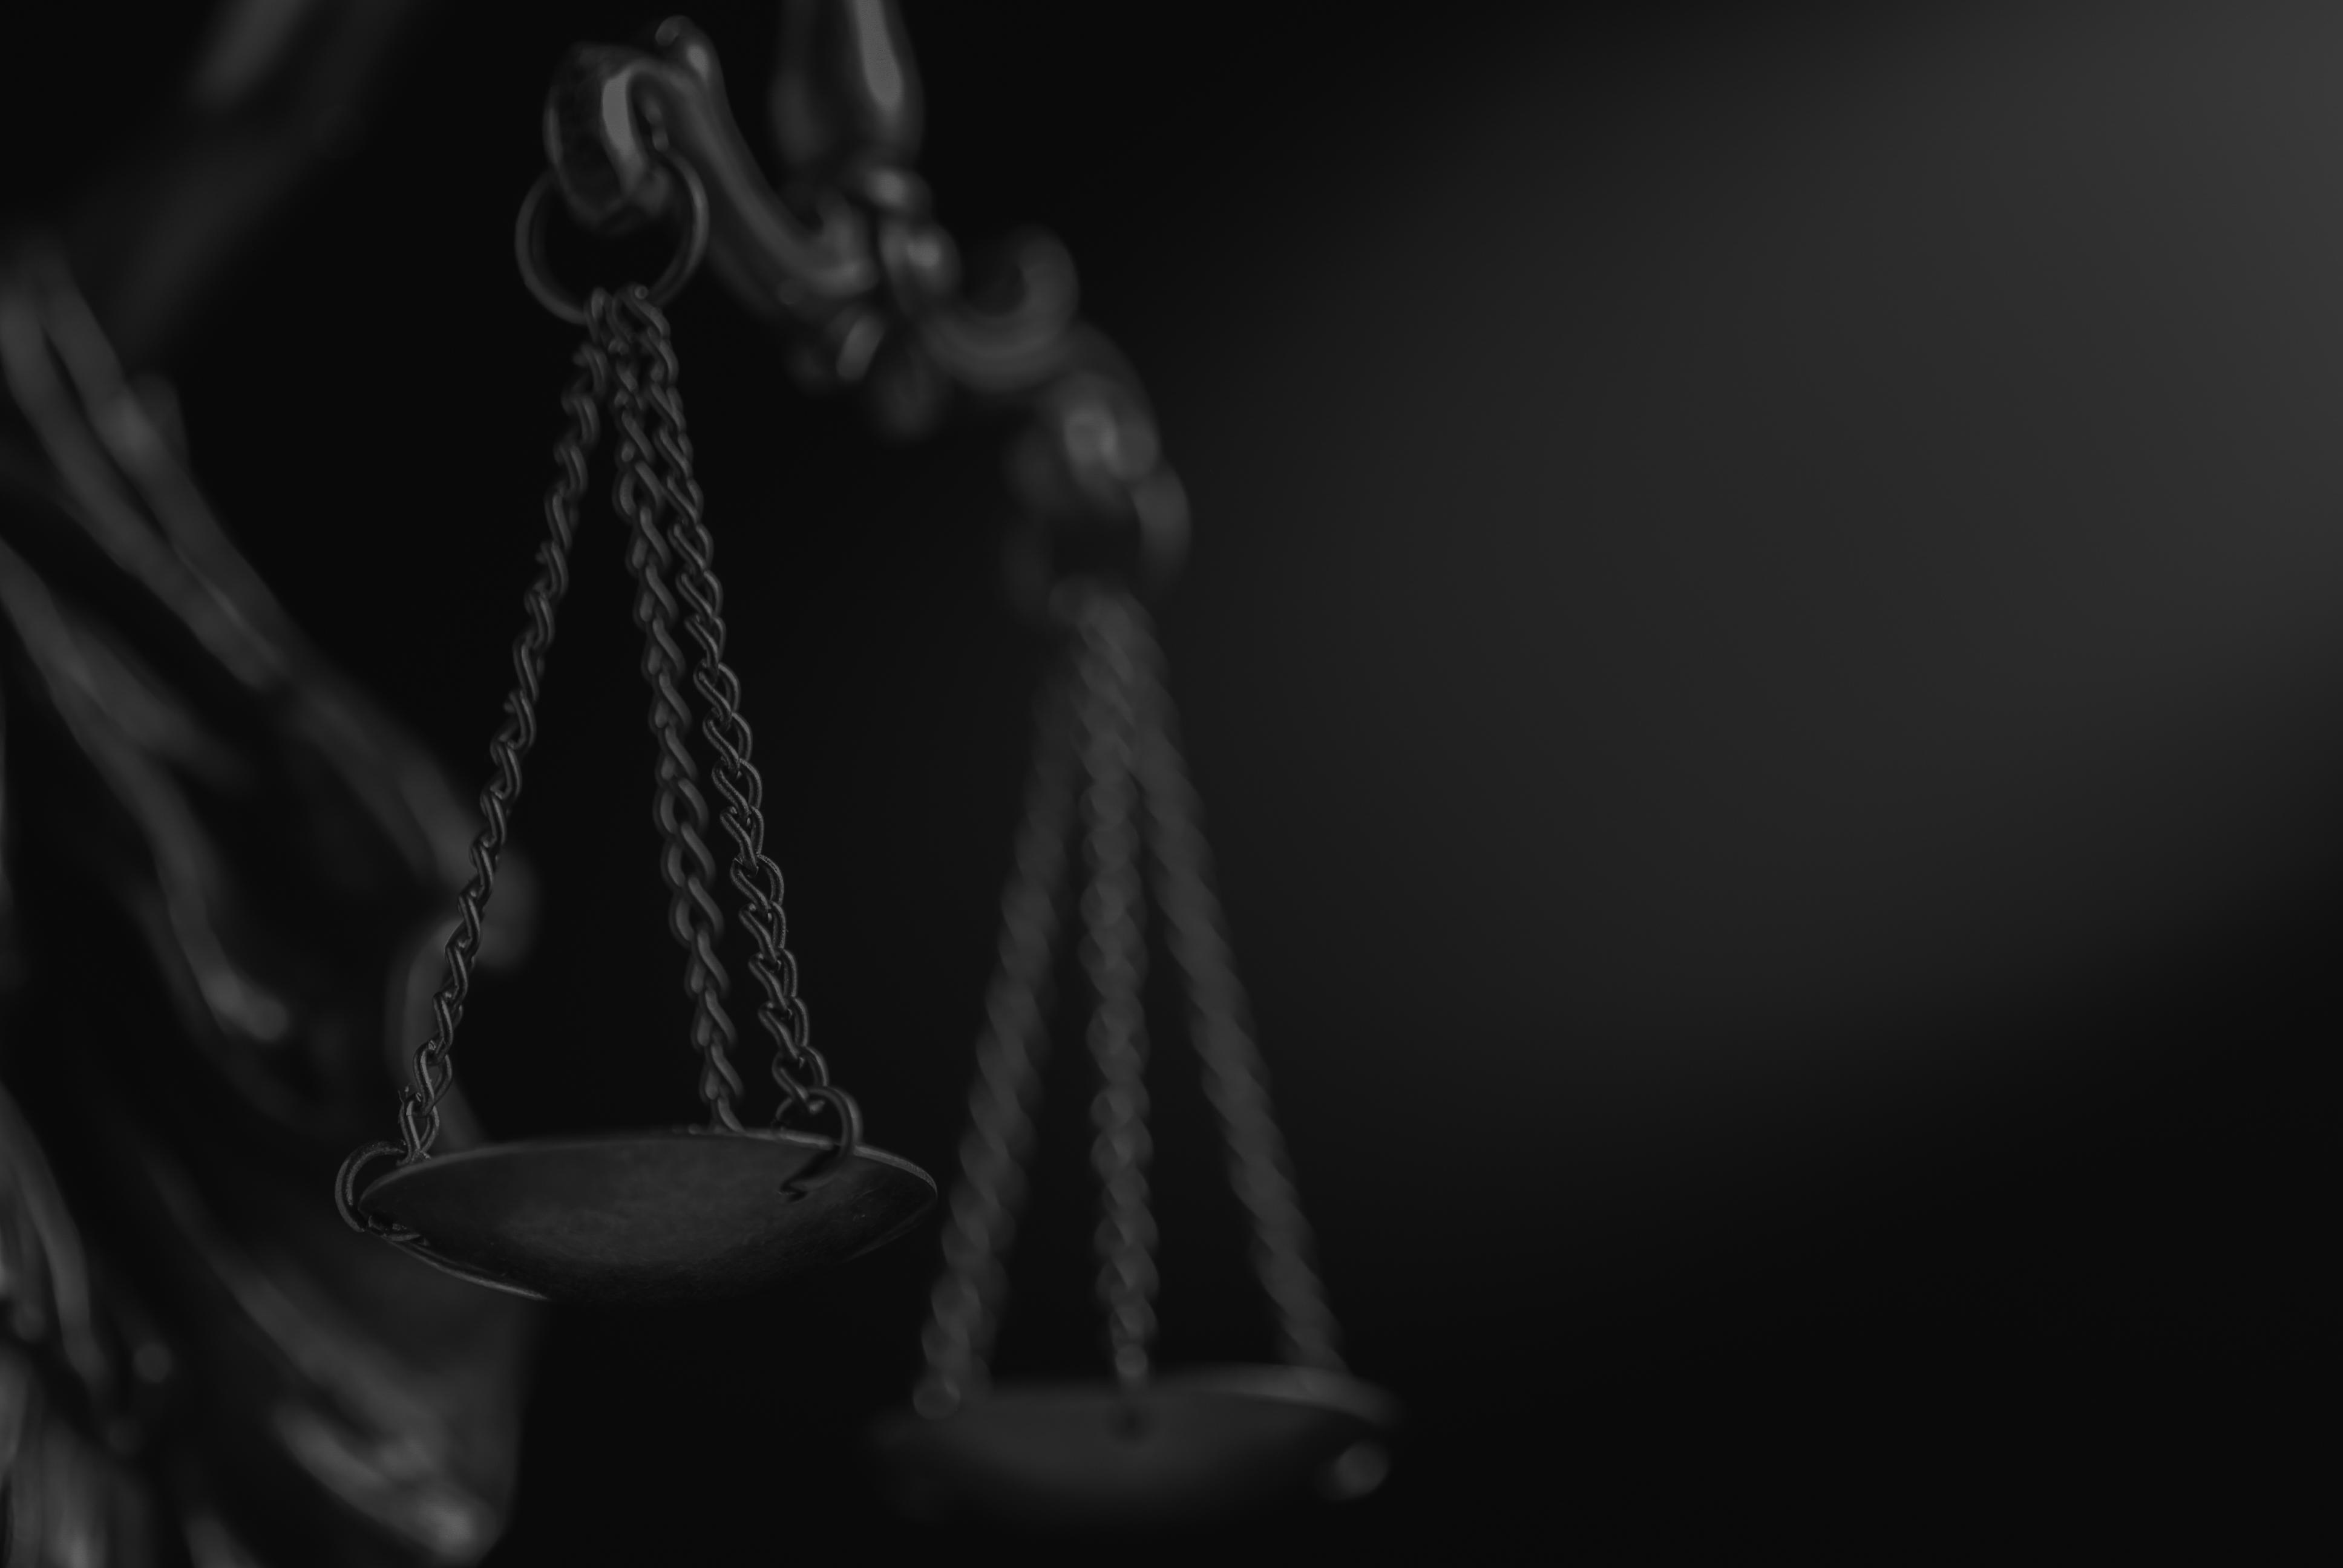 TGS Baltic sėkmingai atstovavo Niujorko valstijos bendrovei Lietuvos Aukščiausiajame Teisme